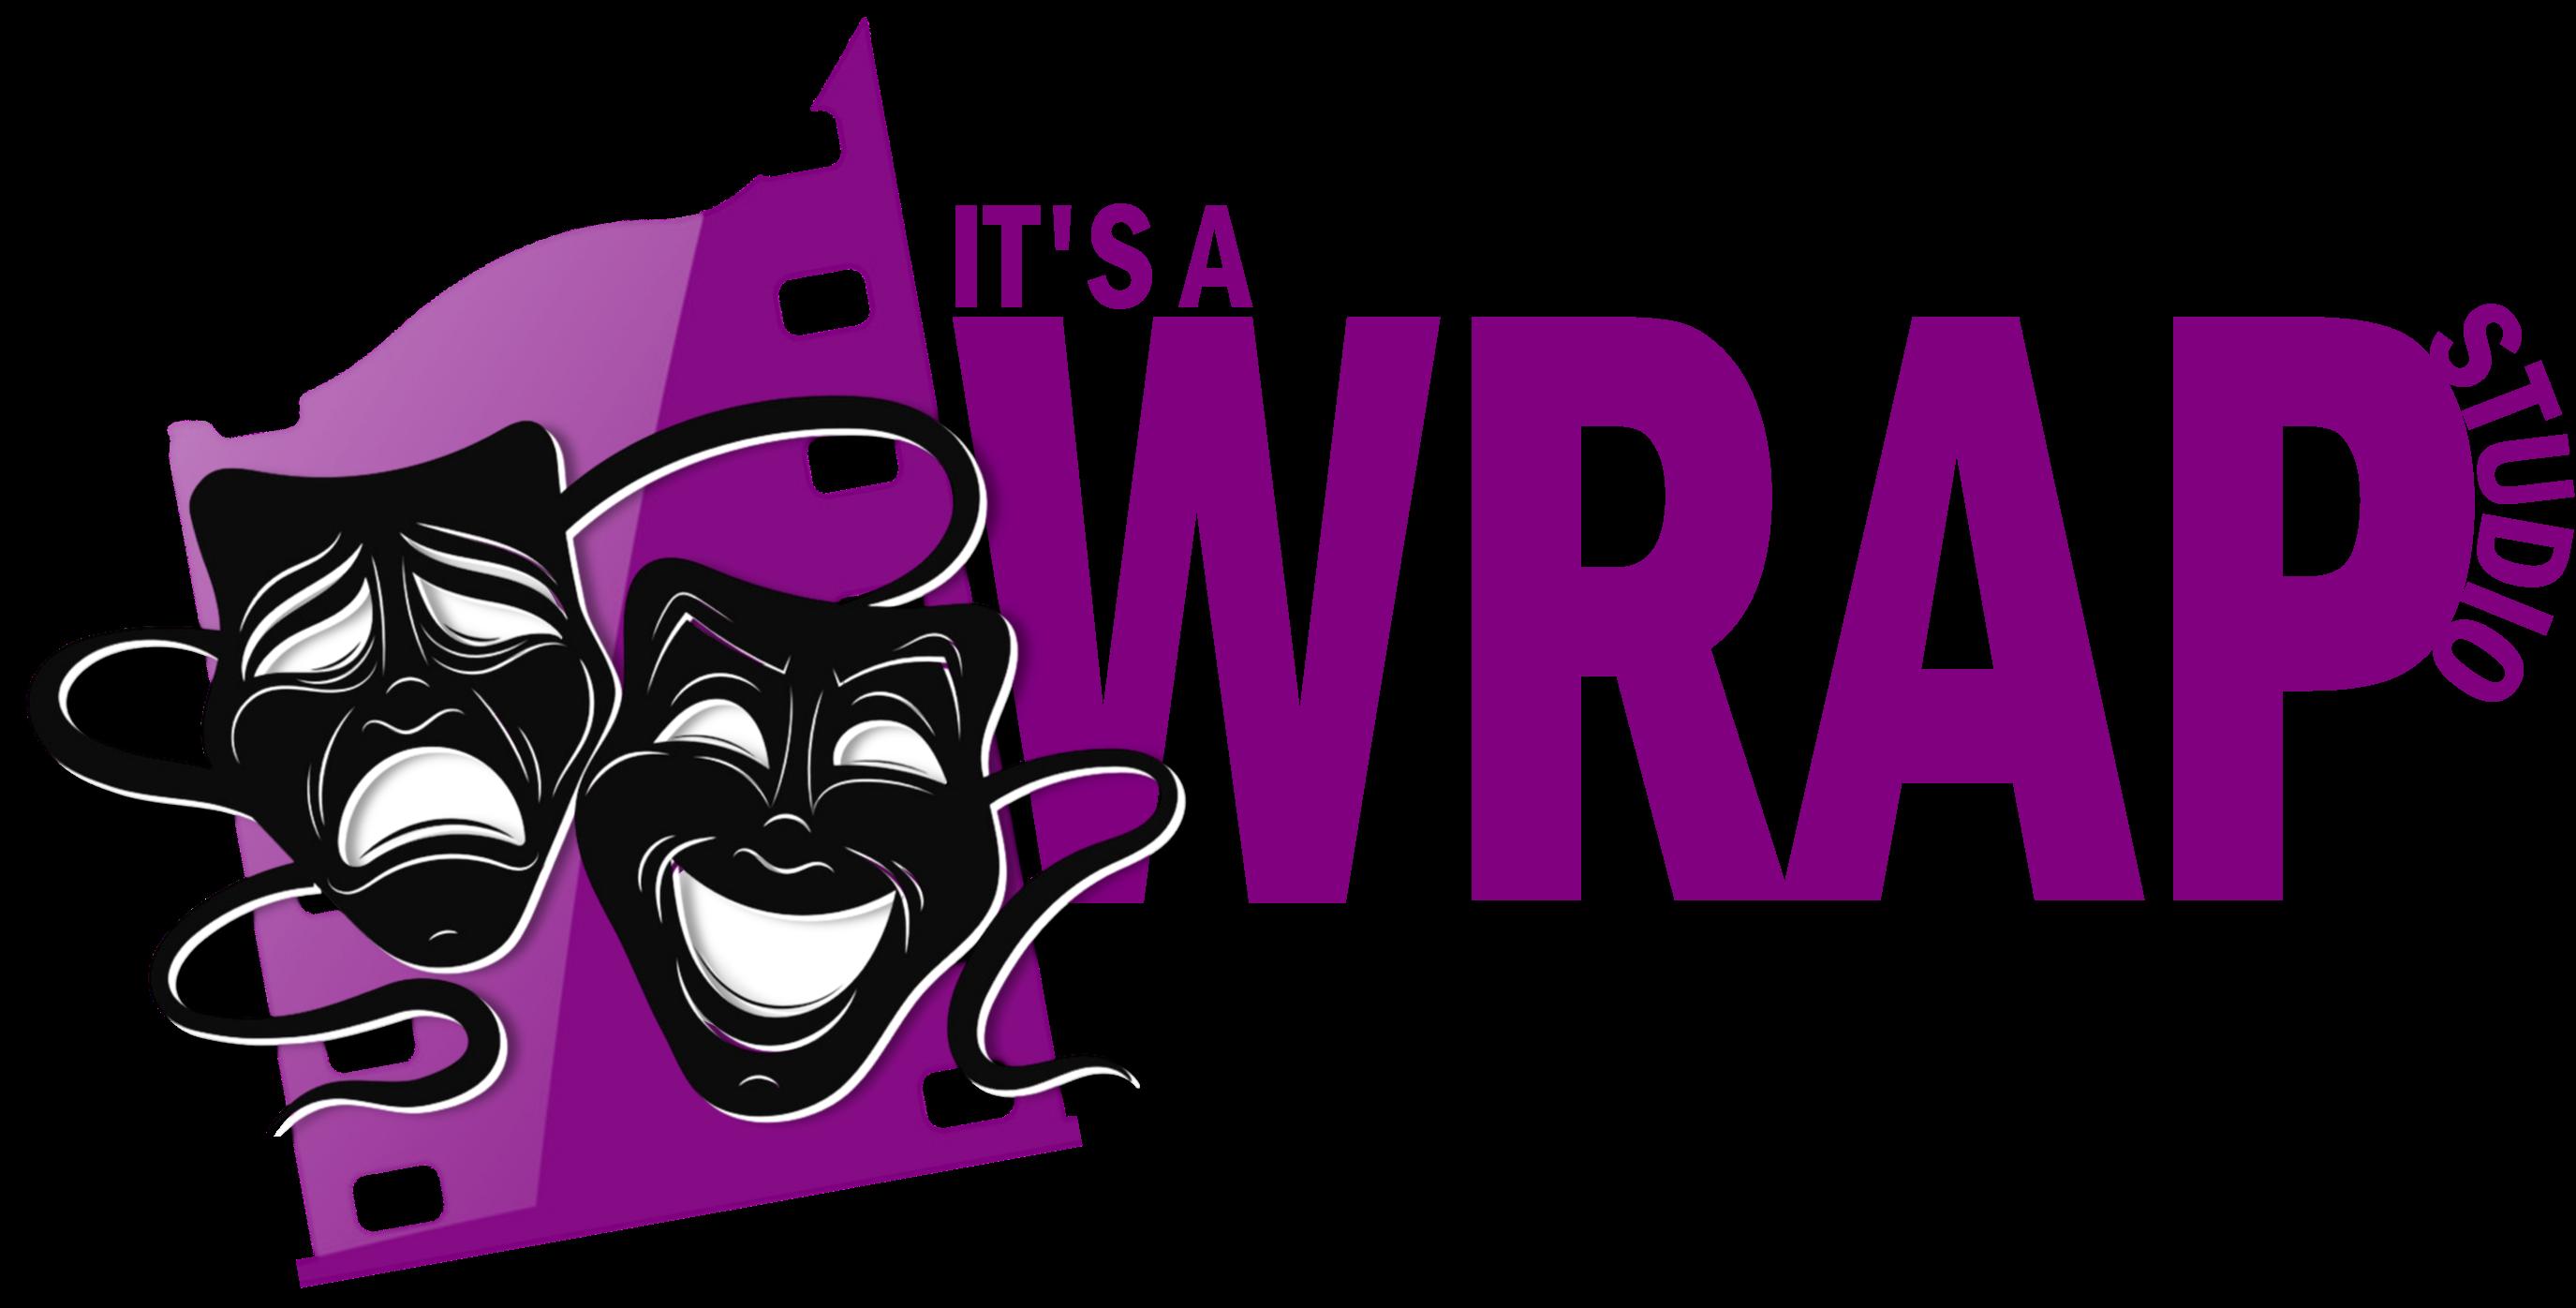 Its A Wrap Studios